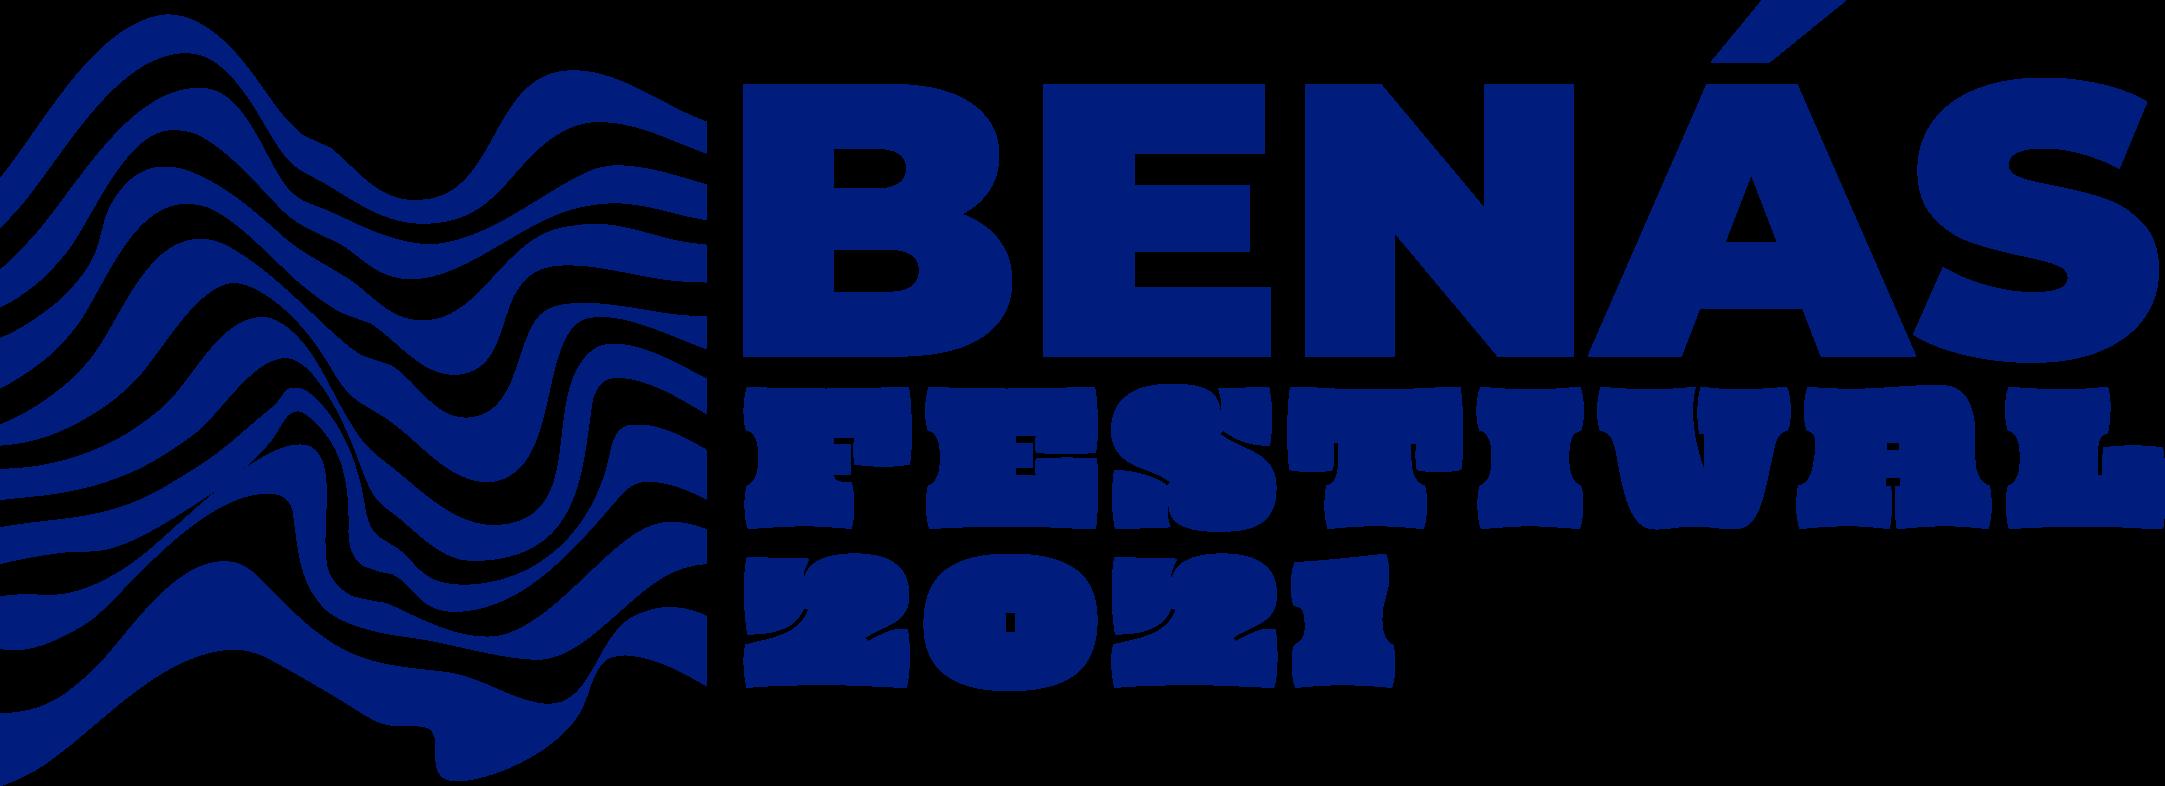 El primer festival de música independiente de Benasque